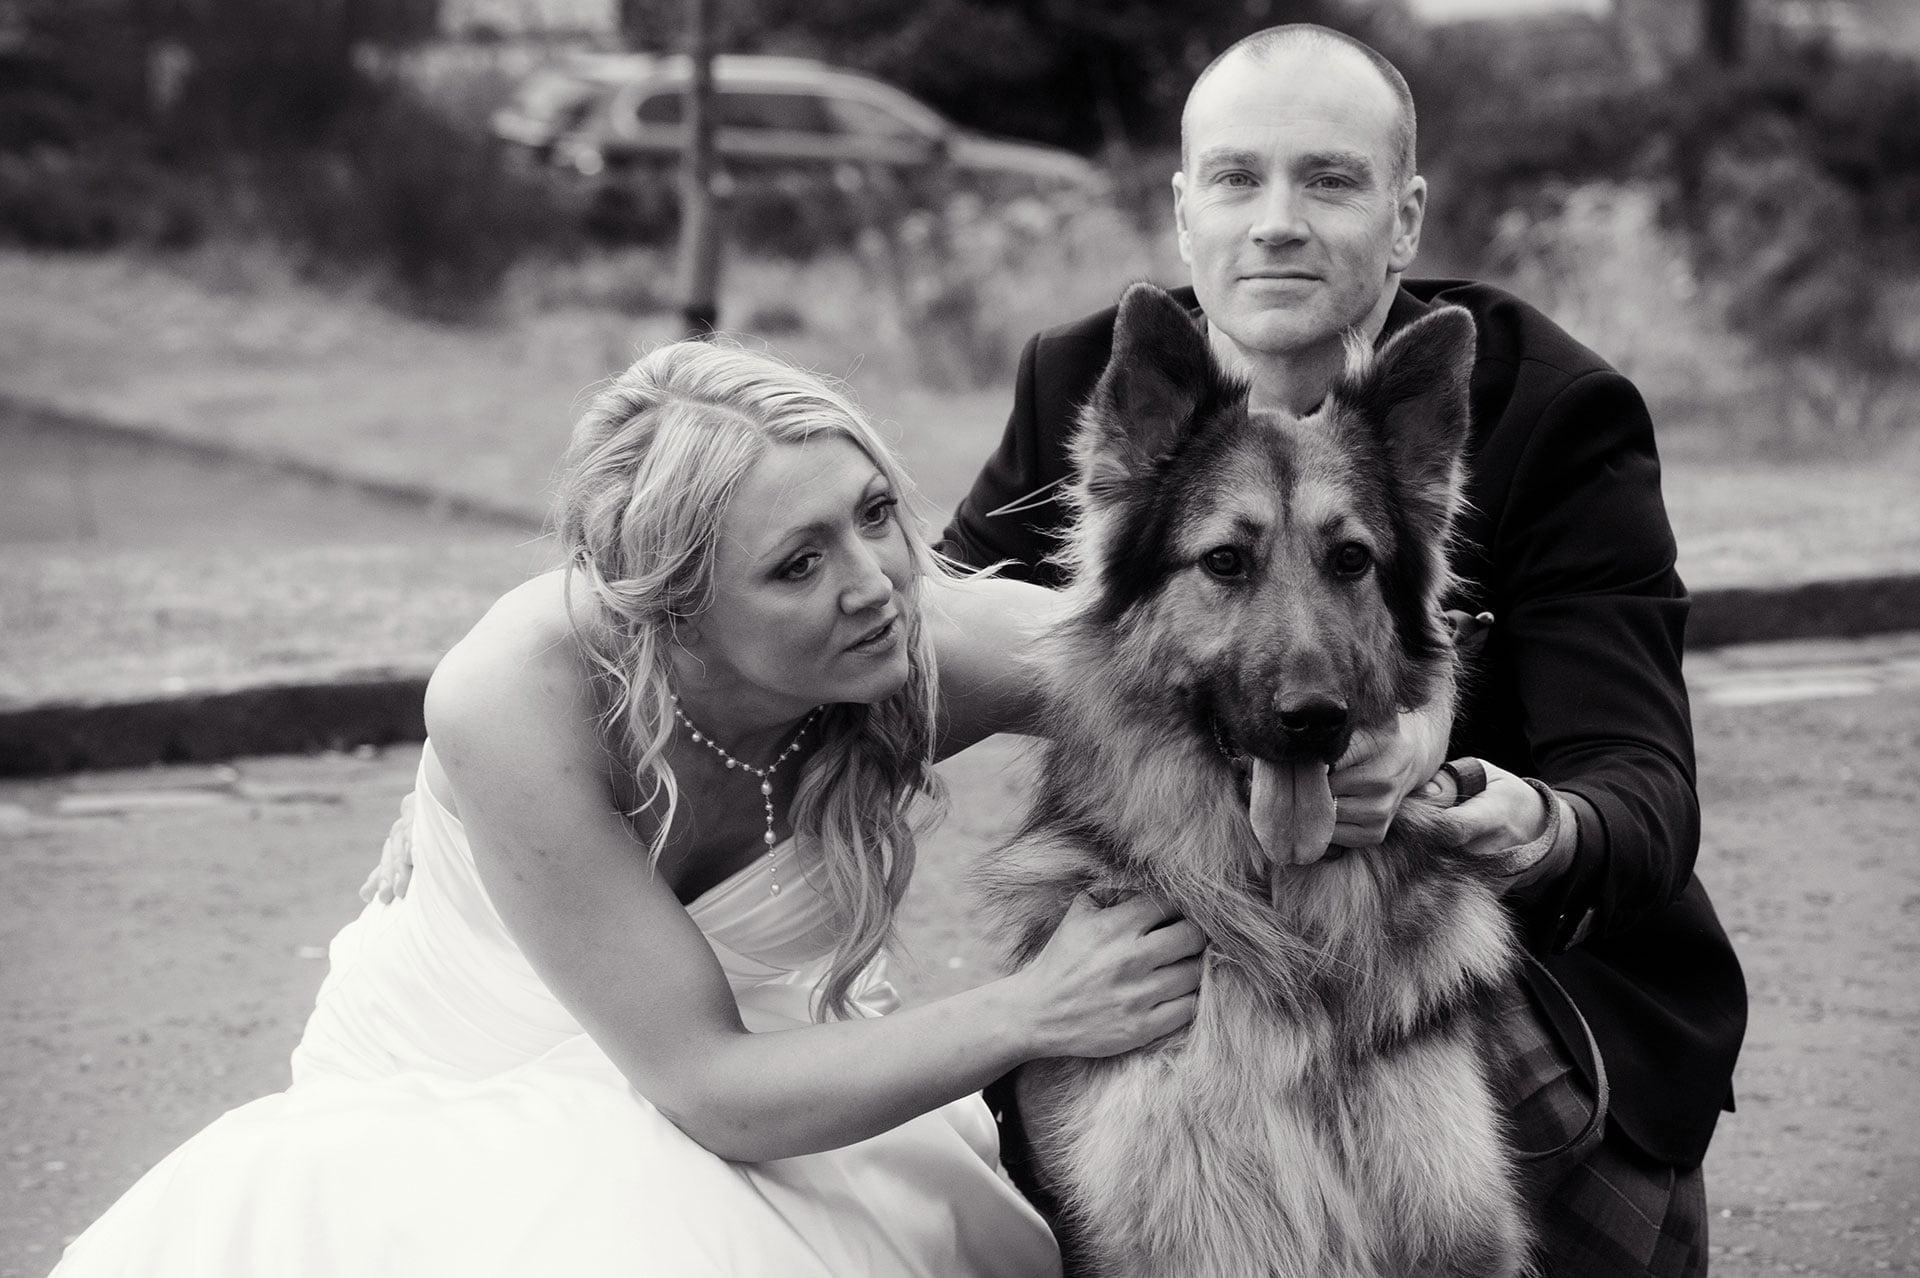 wedding photography at Glenskirlie castle